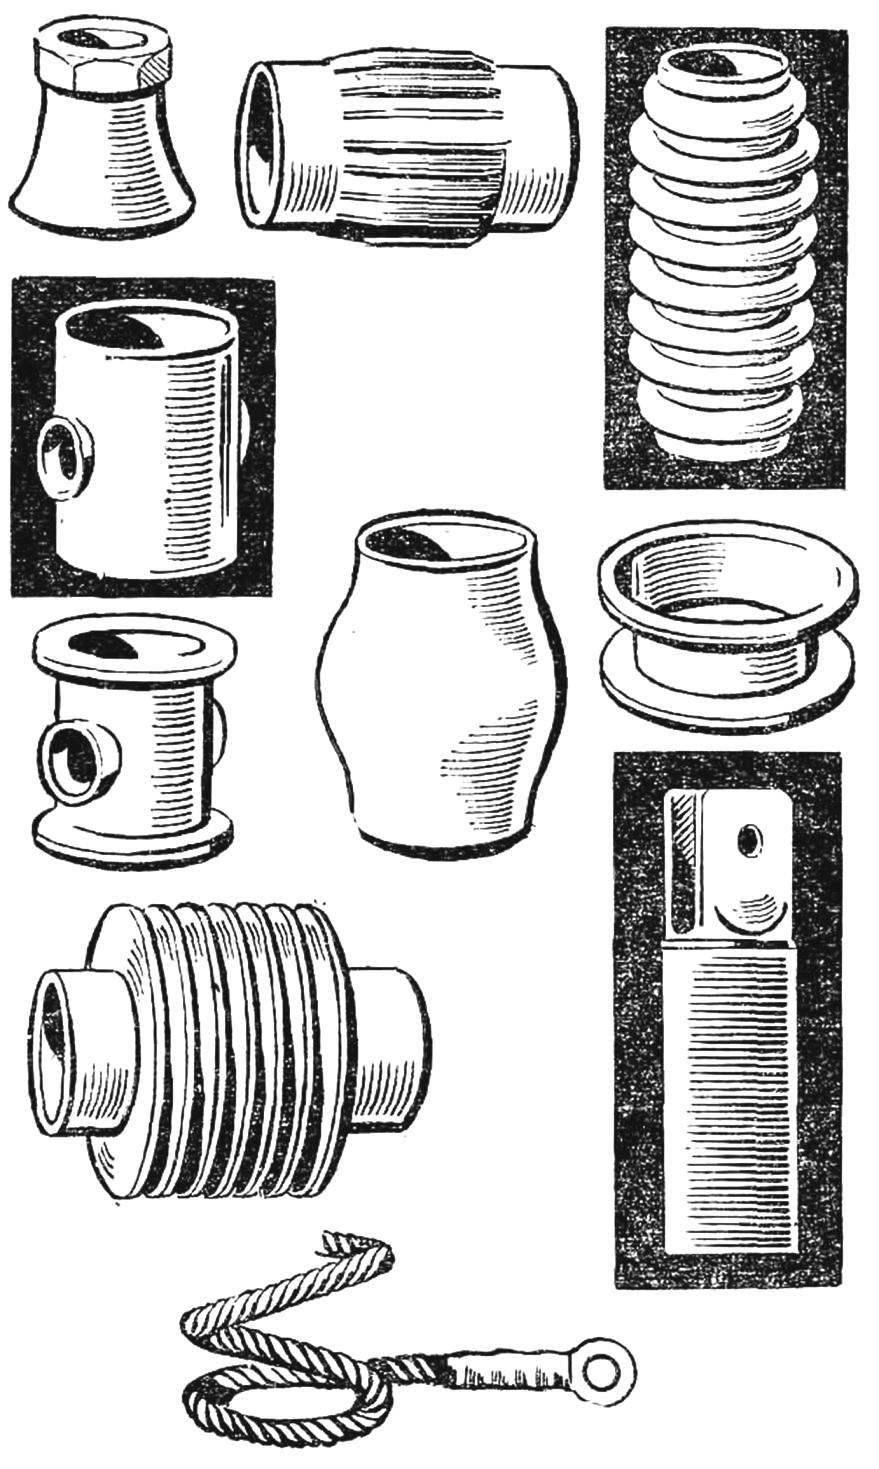 Рис. 6. Образцы деталей, получаемых методом магнитной штамповки.